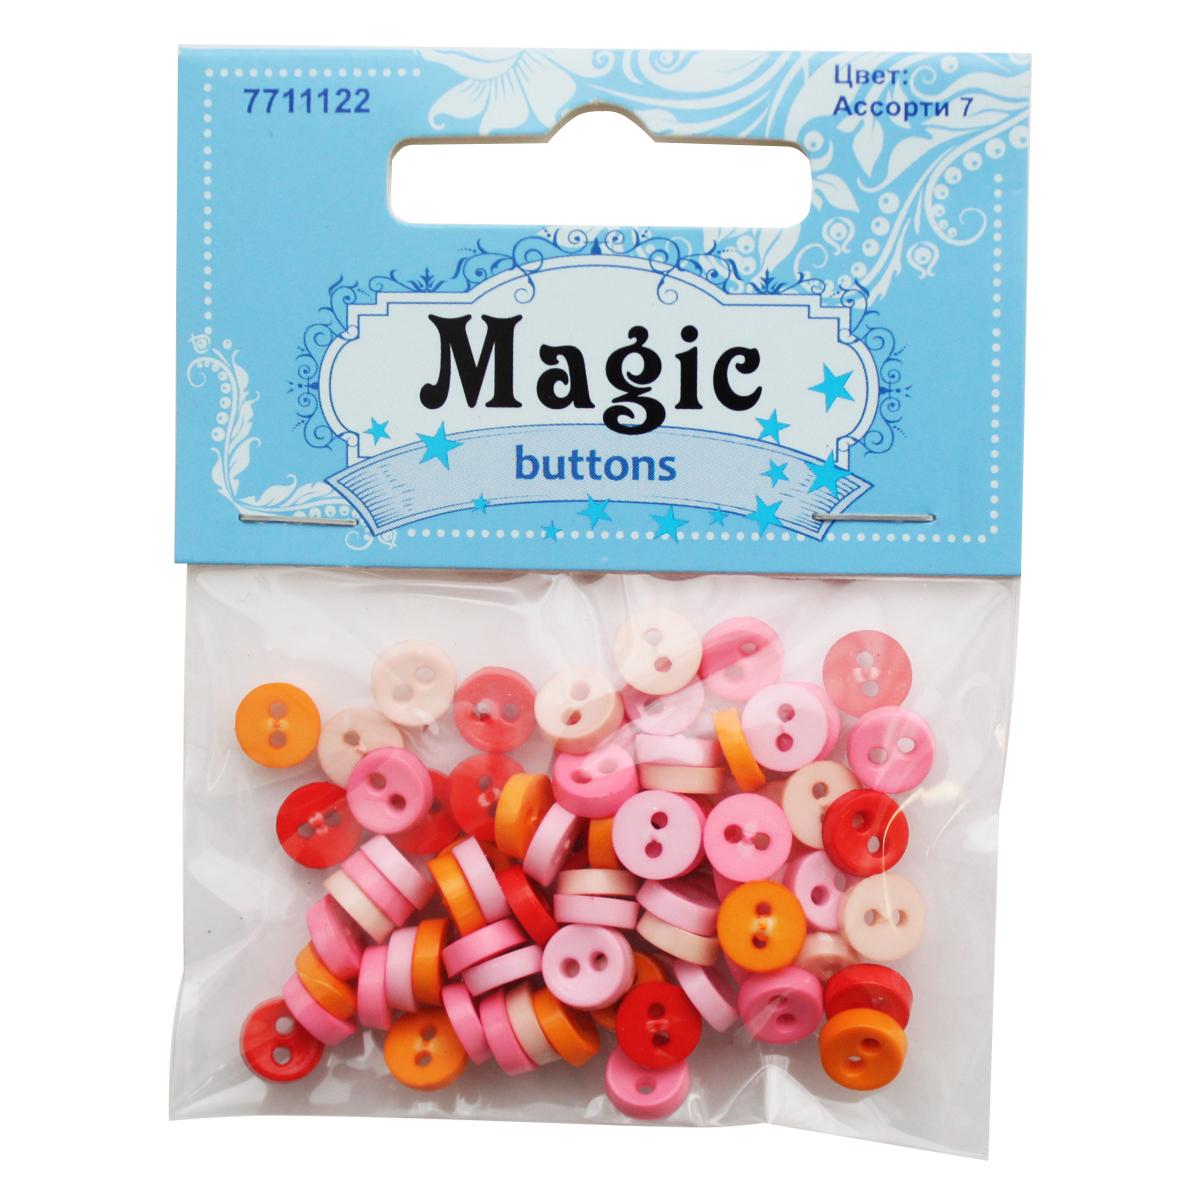 Пуговицы декоративные Magic Buttons Круг, 5 г7711122_Ассорти 7Яркие и красочные пуговицы Magic Buttons станут прекрасным дополнением к любому образу. Пуговицы выполнены в разных цветовых вариантах и формах.